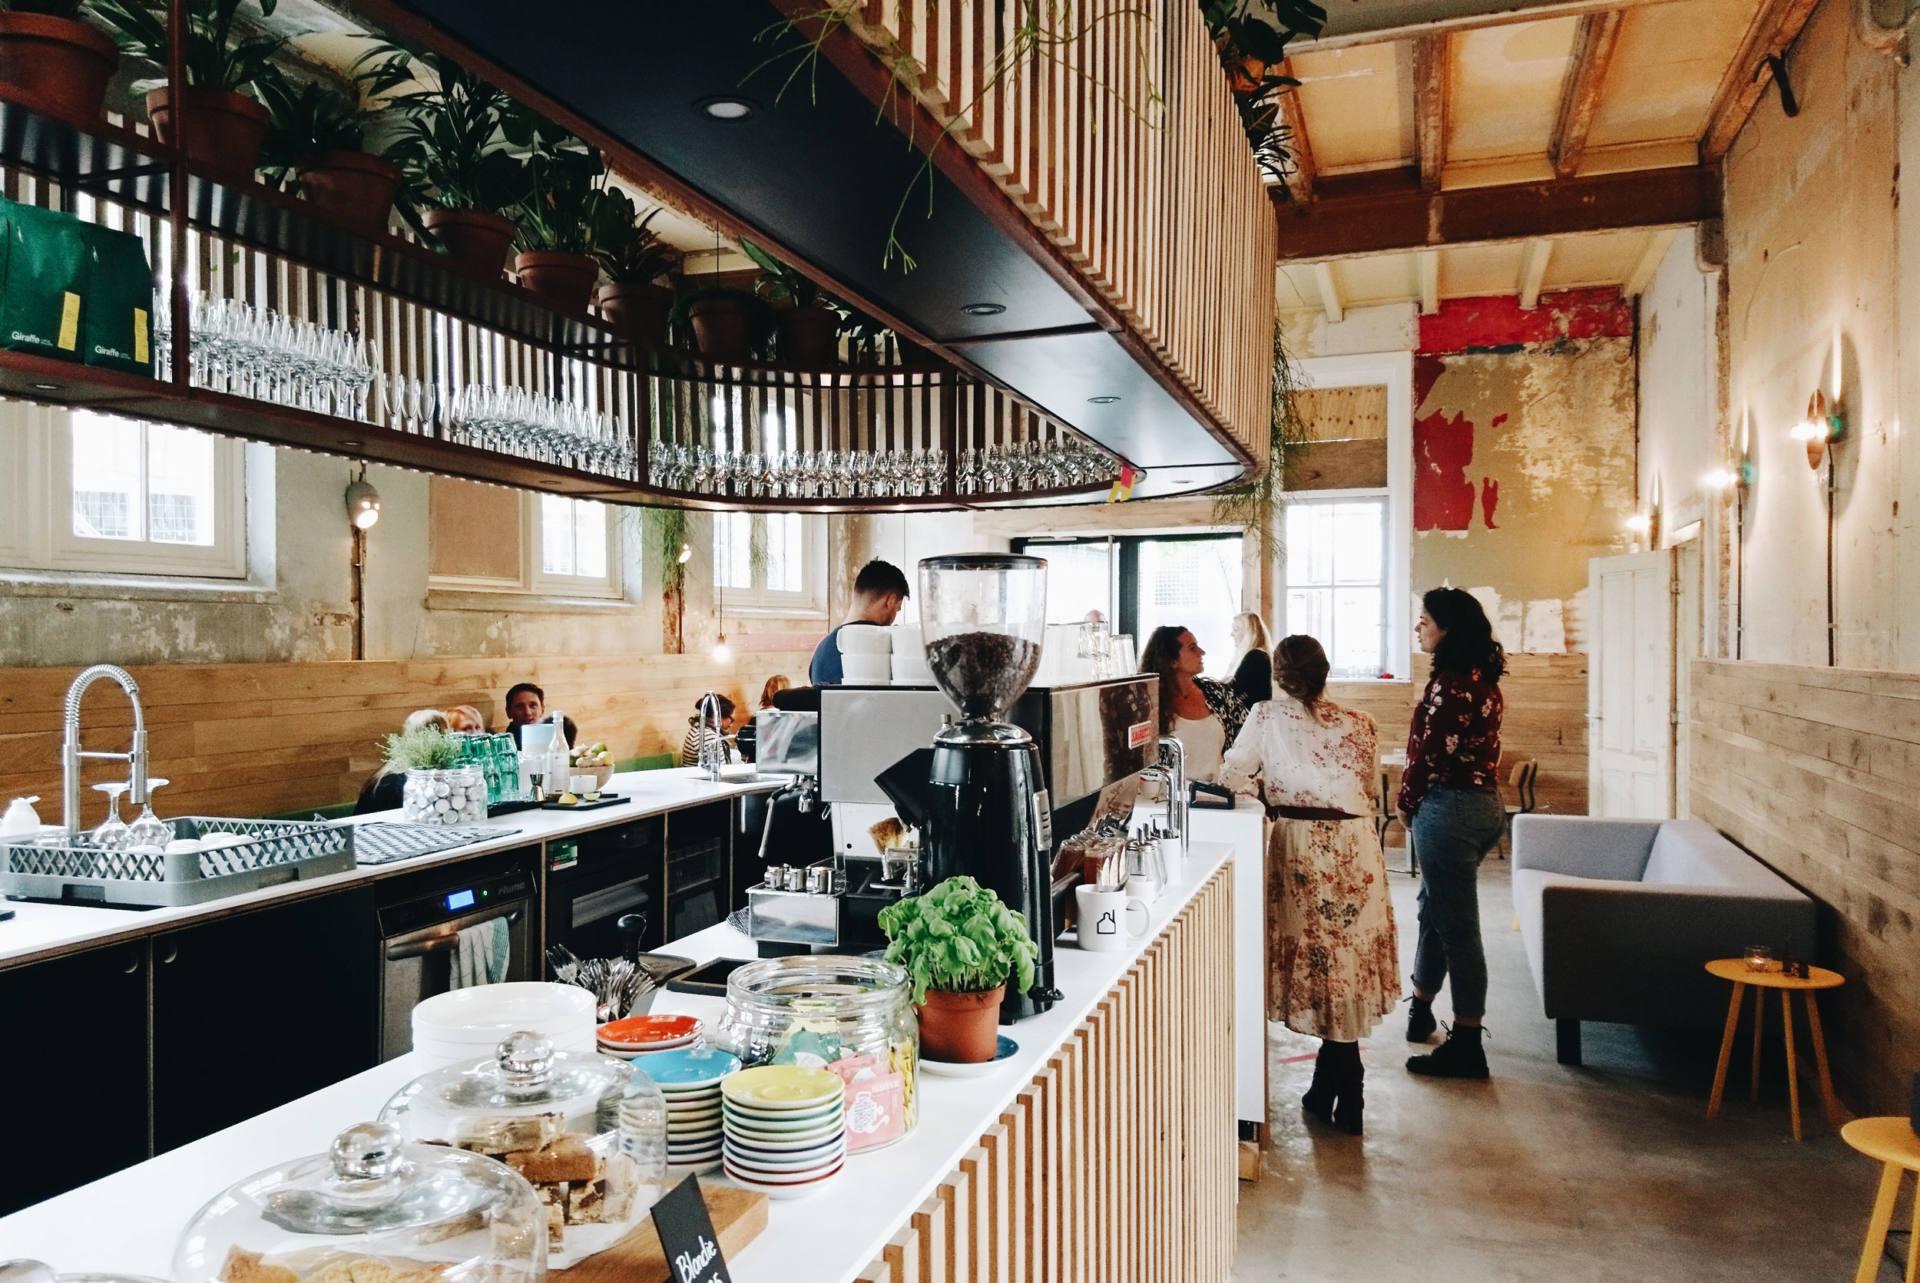 Vakwerkhuis Cafe